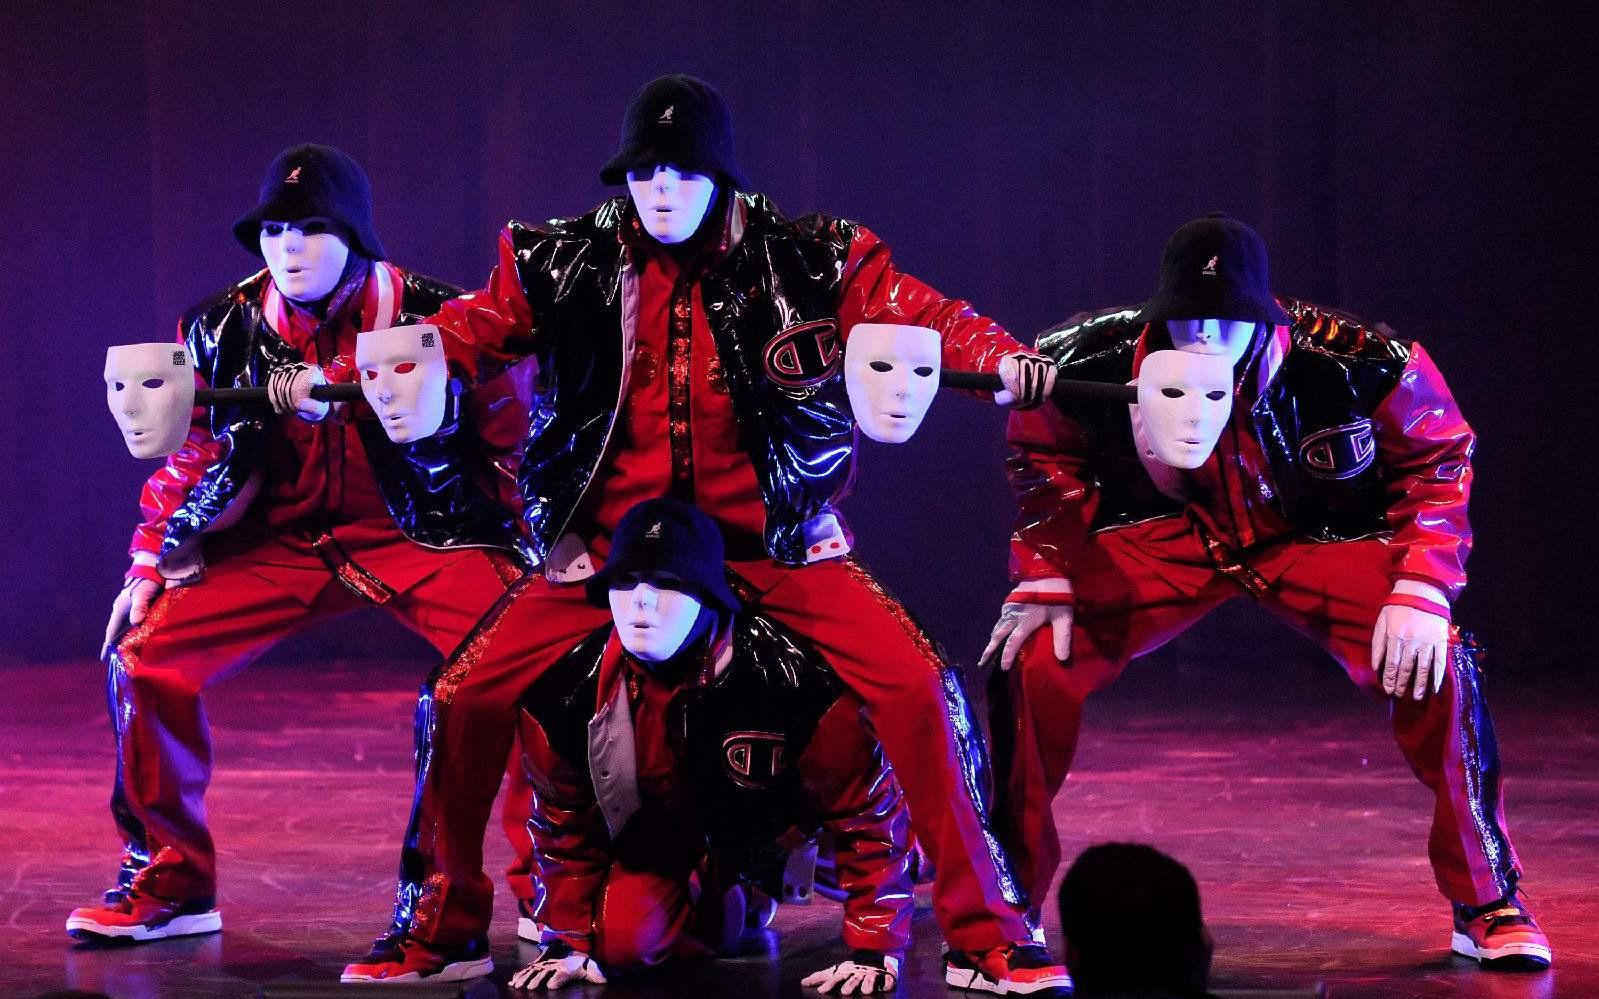 舞团鼓点对手女生合集性感图片假面重摇慢图片